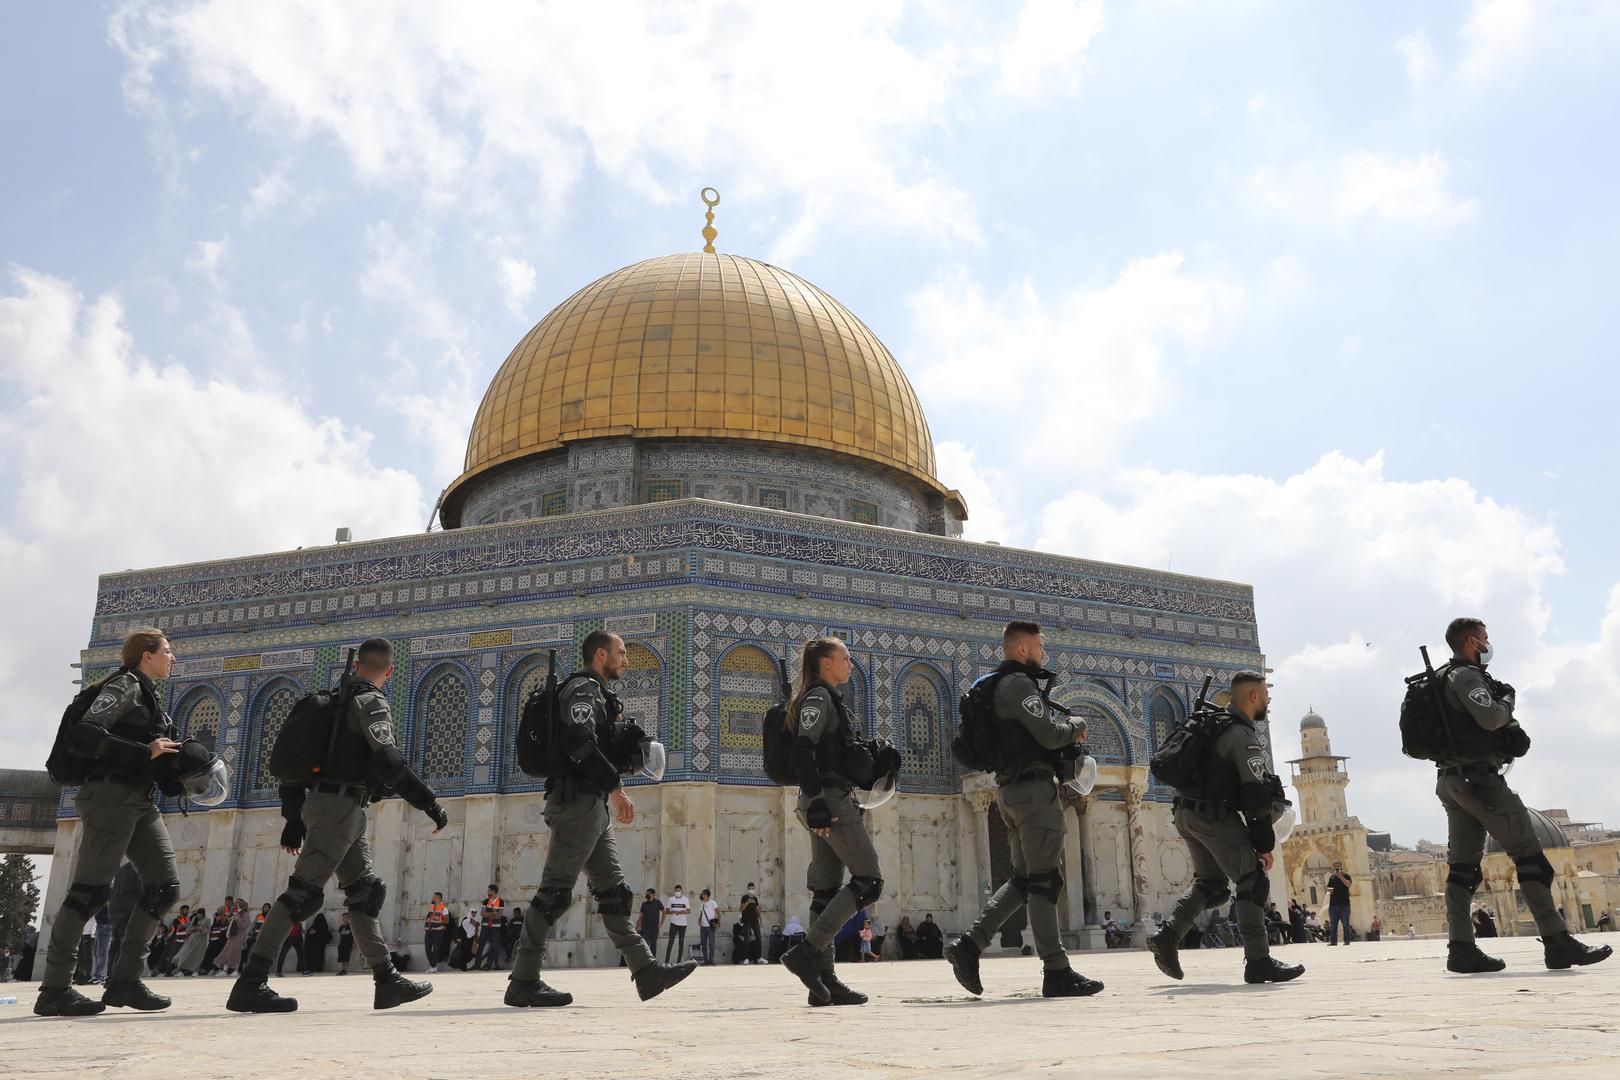 الأردن يطالب بالوقف الفوري للانتهاكات الإسرائيلية في المسجد الأقصى